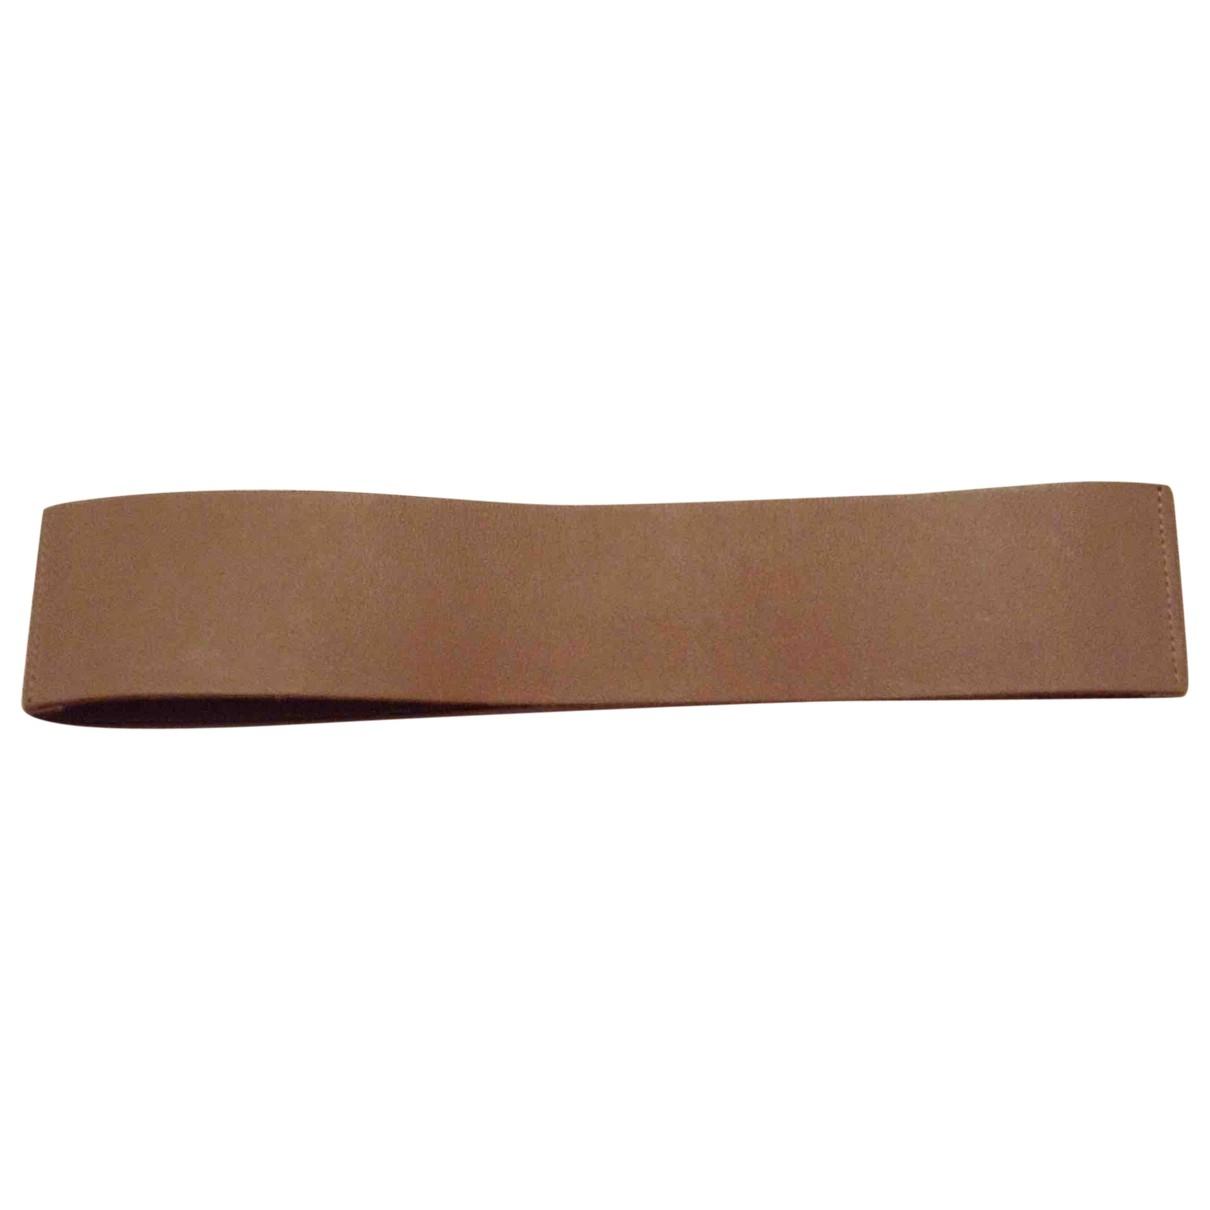 Maje \N Beige Leather belt for Women S International